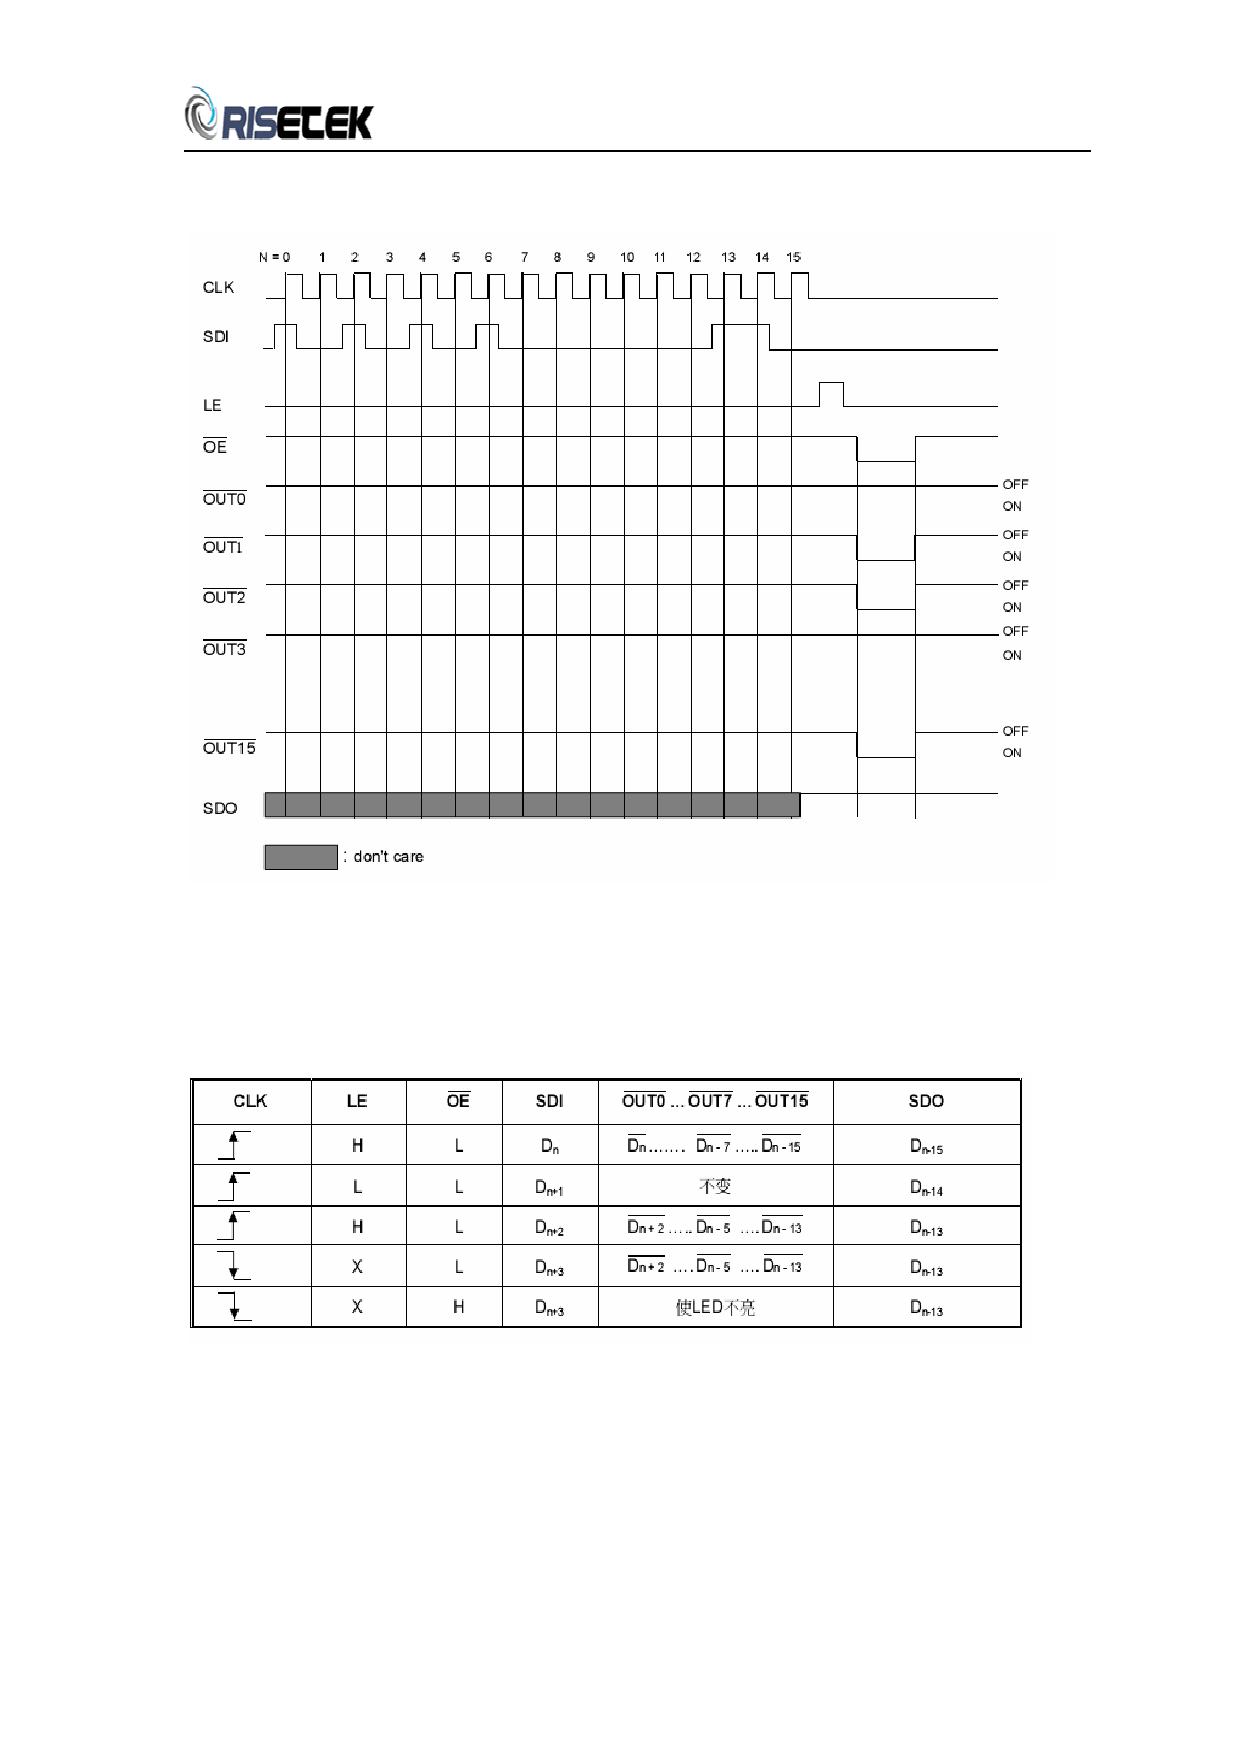 JW5026 pdf